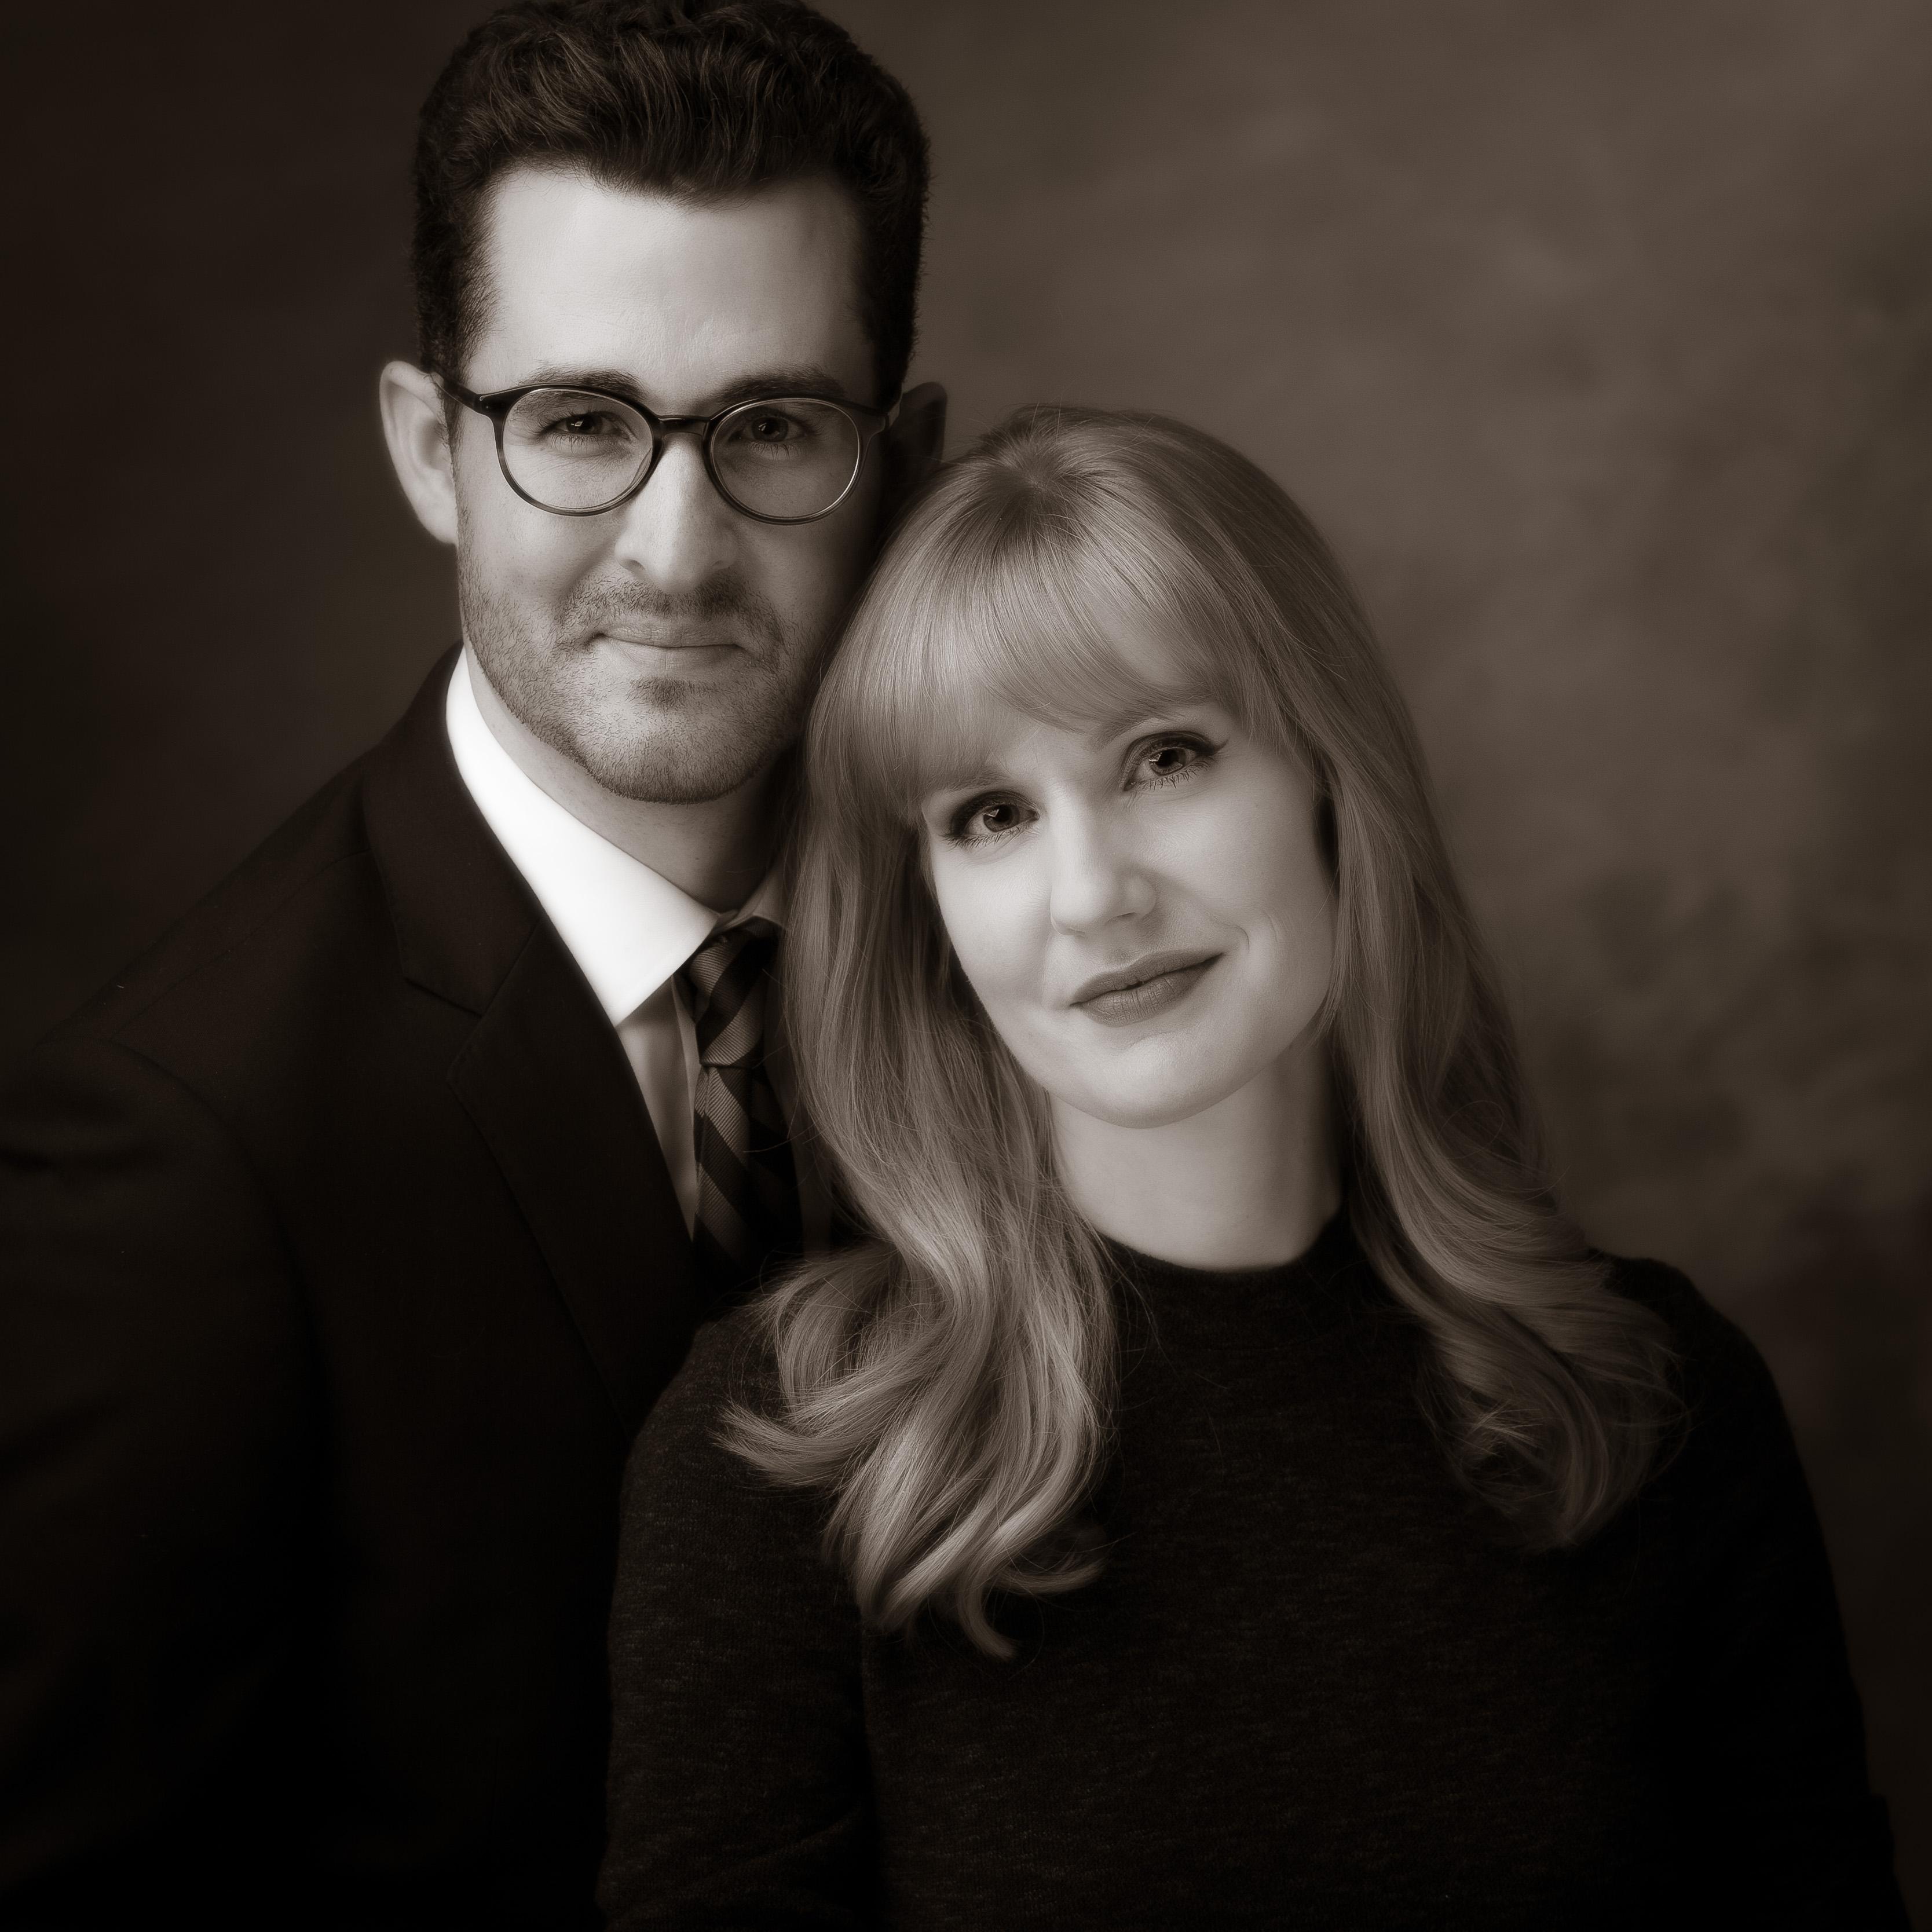 Couple, Studio